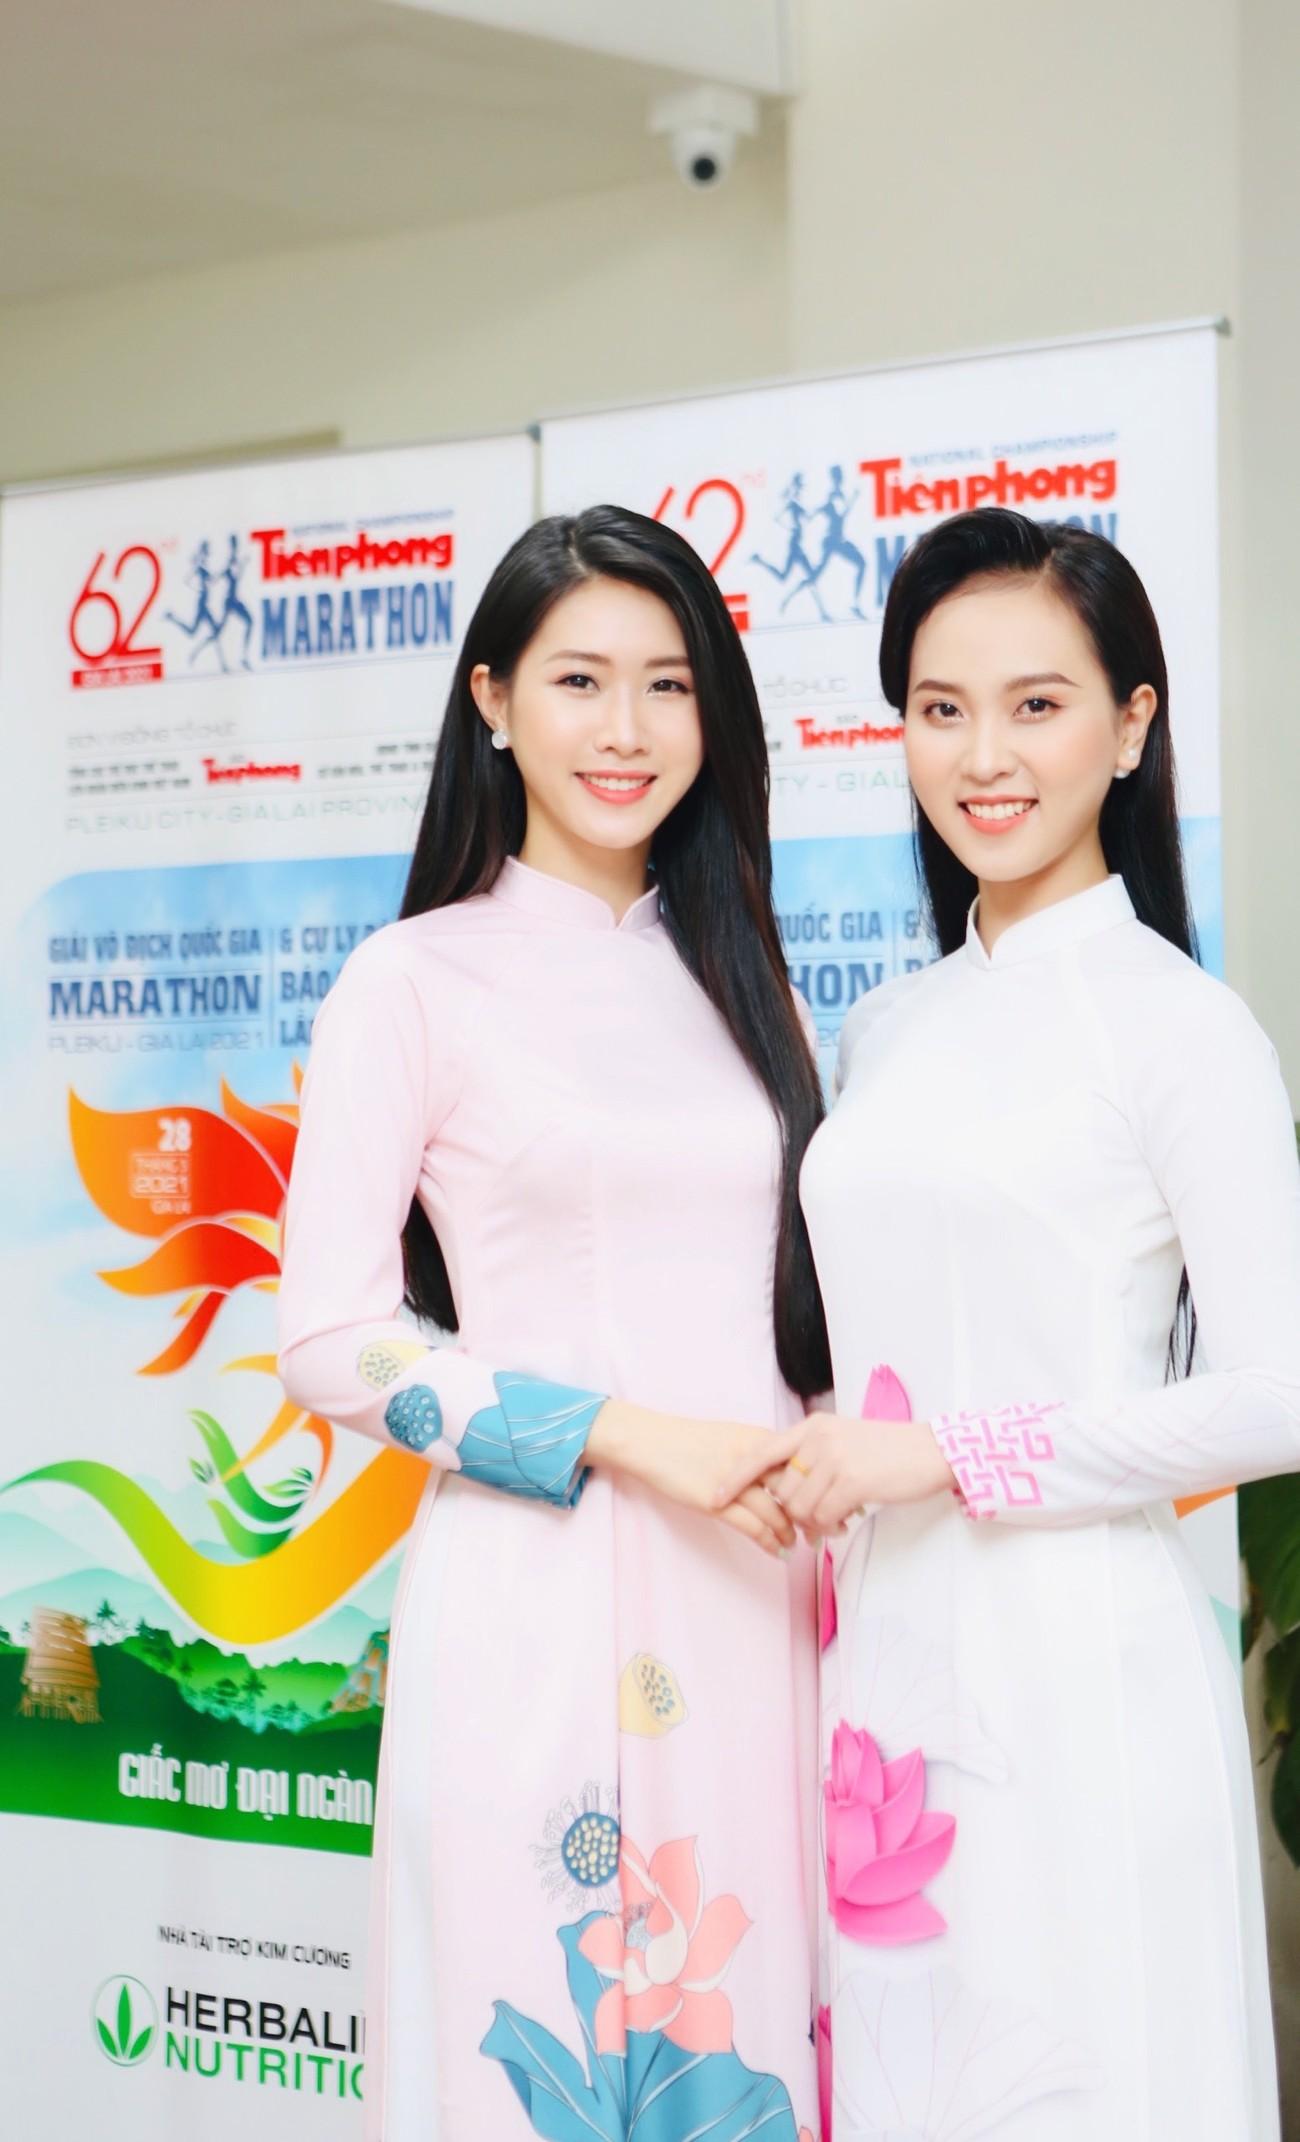 Dàn Hoa, Á hậu đọ sắc xinh đẹp tại họp báo Tiền Phong Marathon 2021 ảnh 11